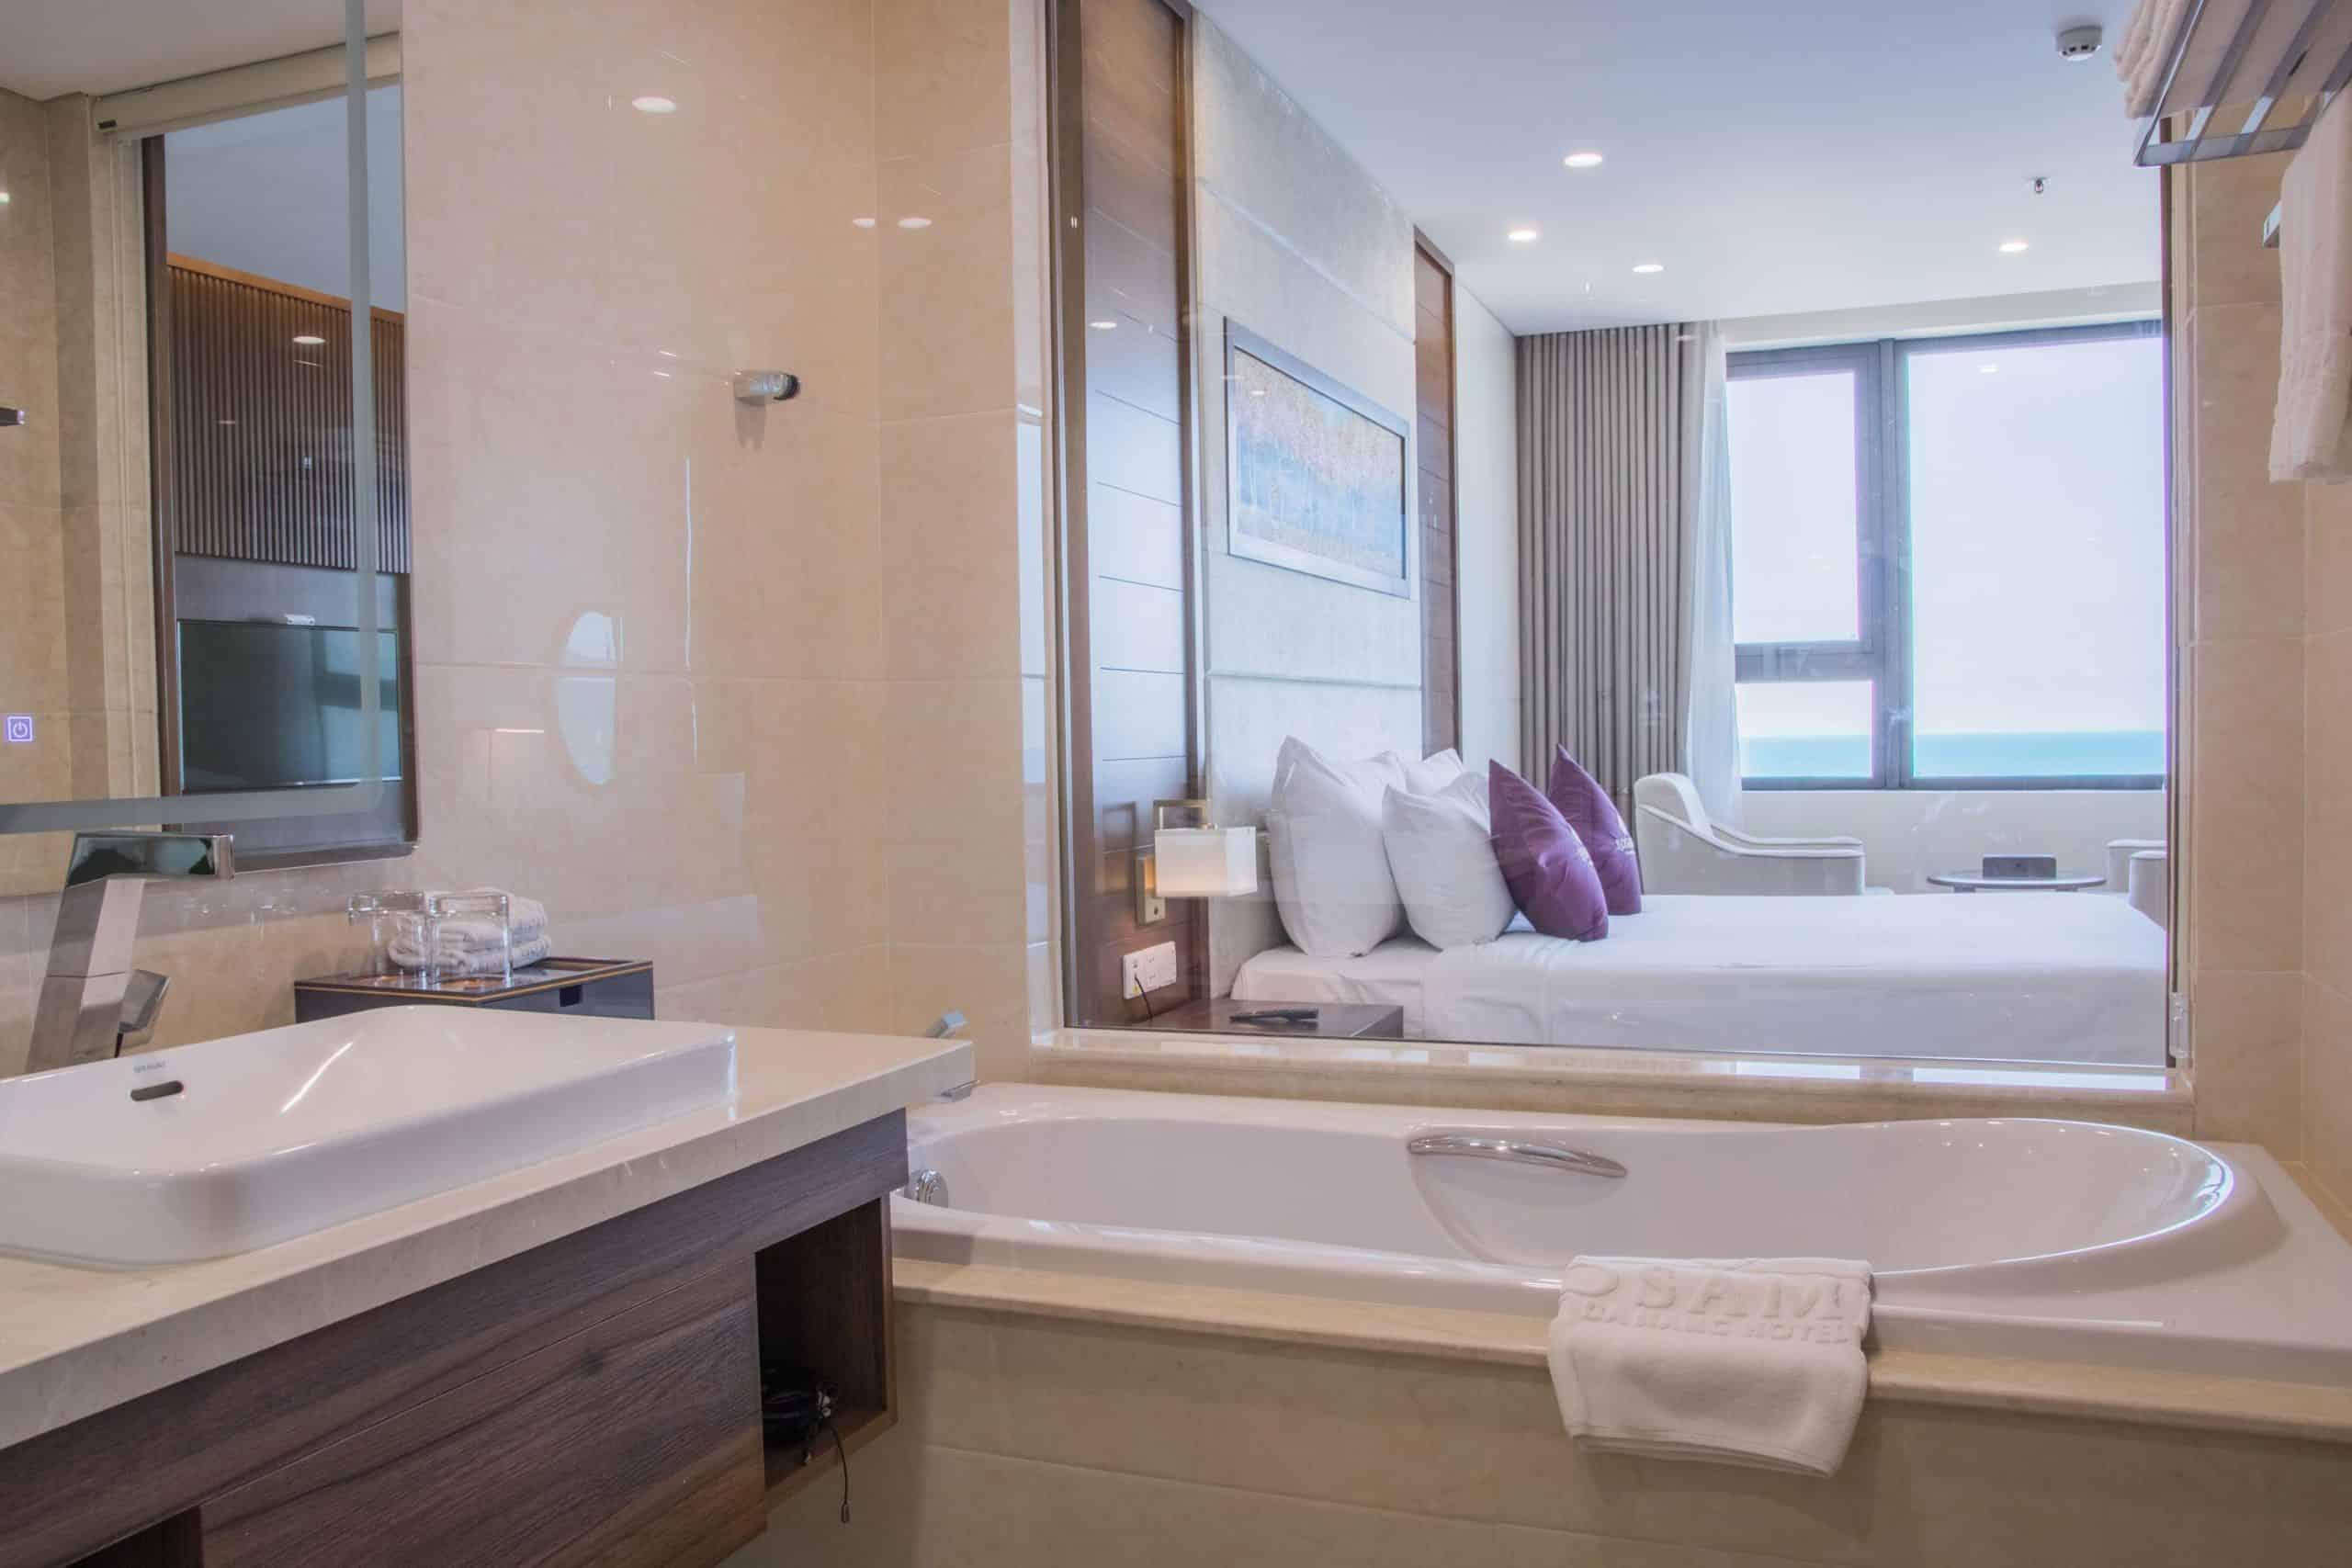 Phòng tắm có cả bồn tắm cao cấp, sang chảnh.